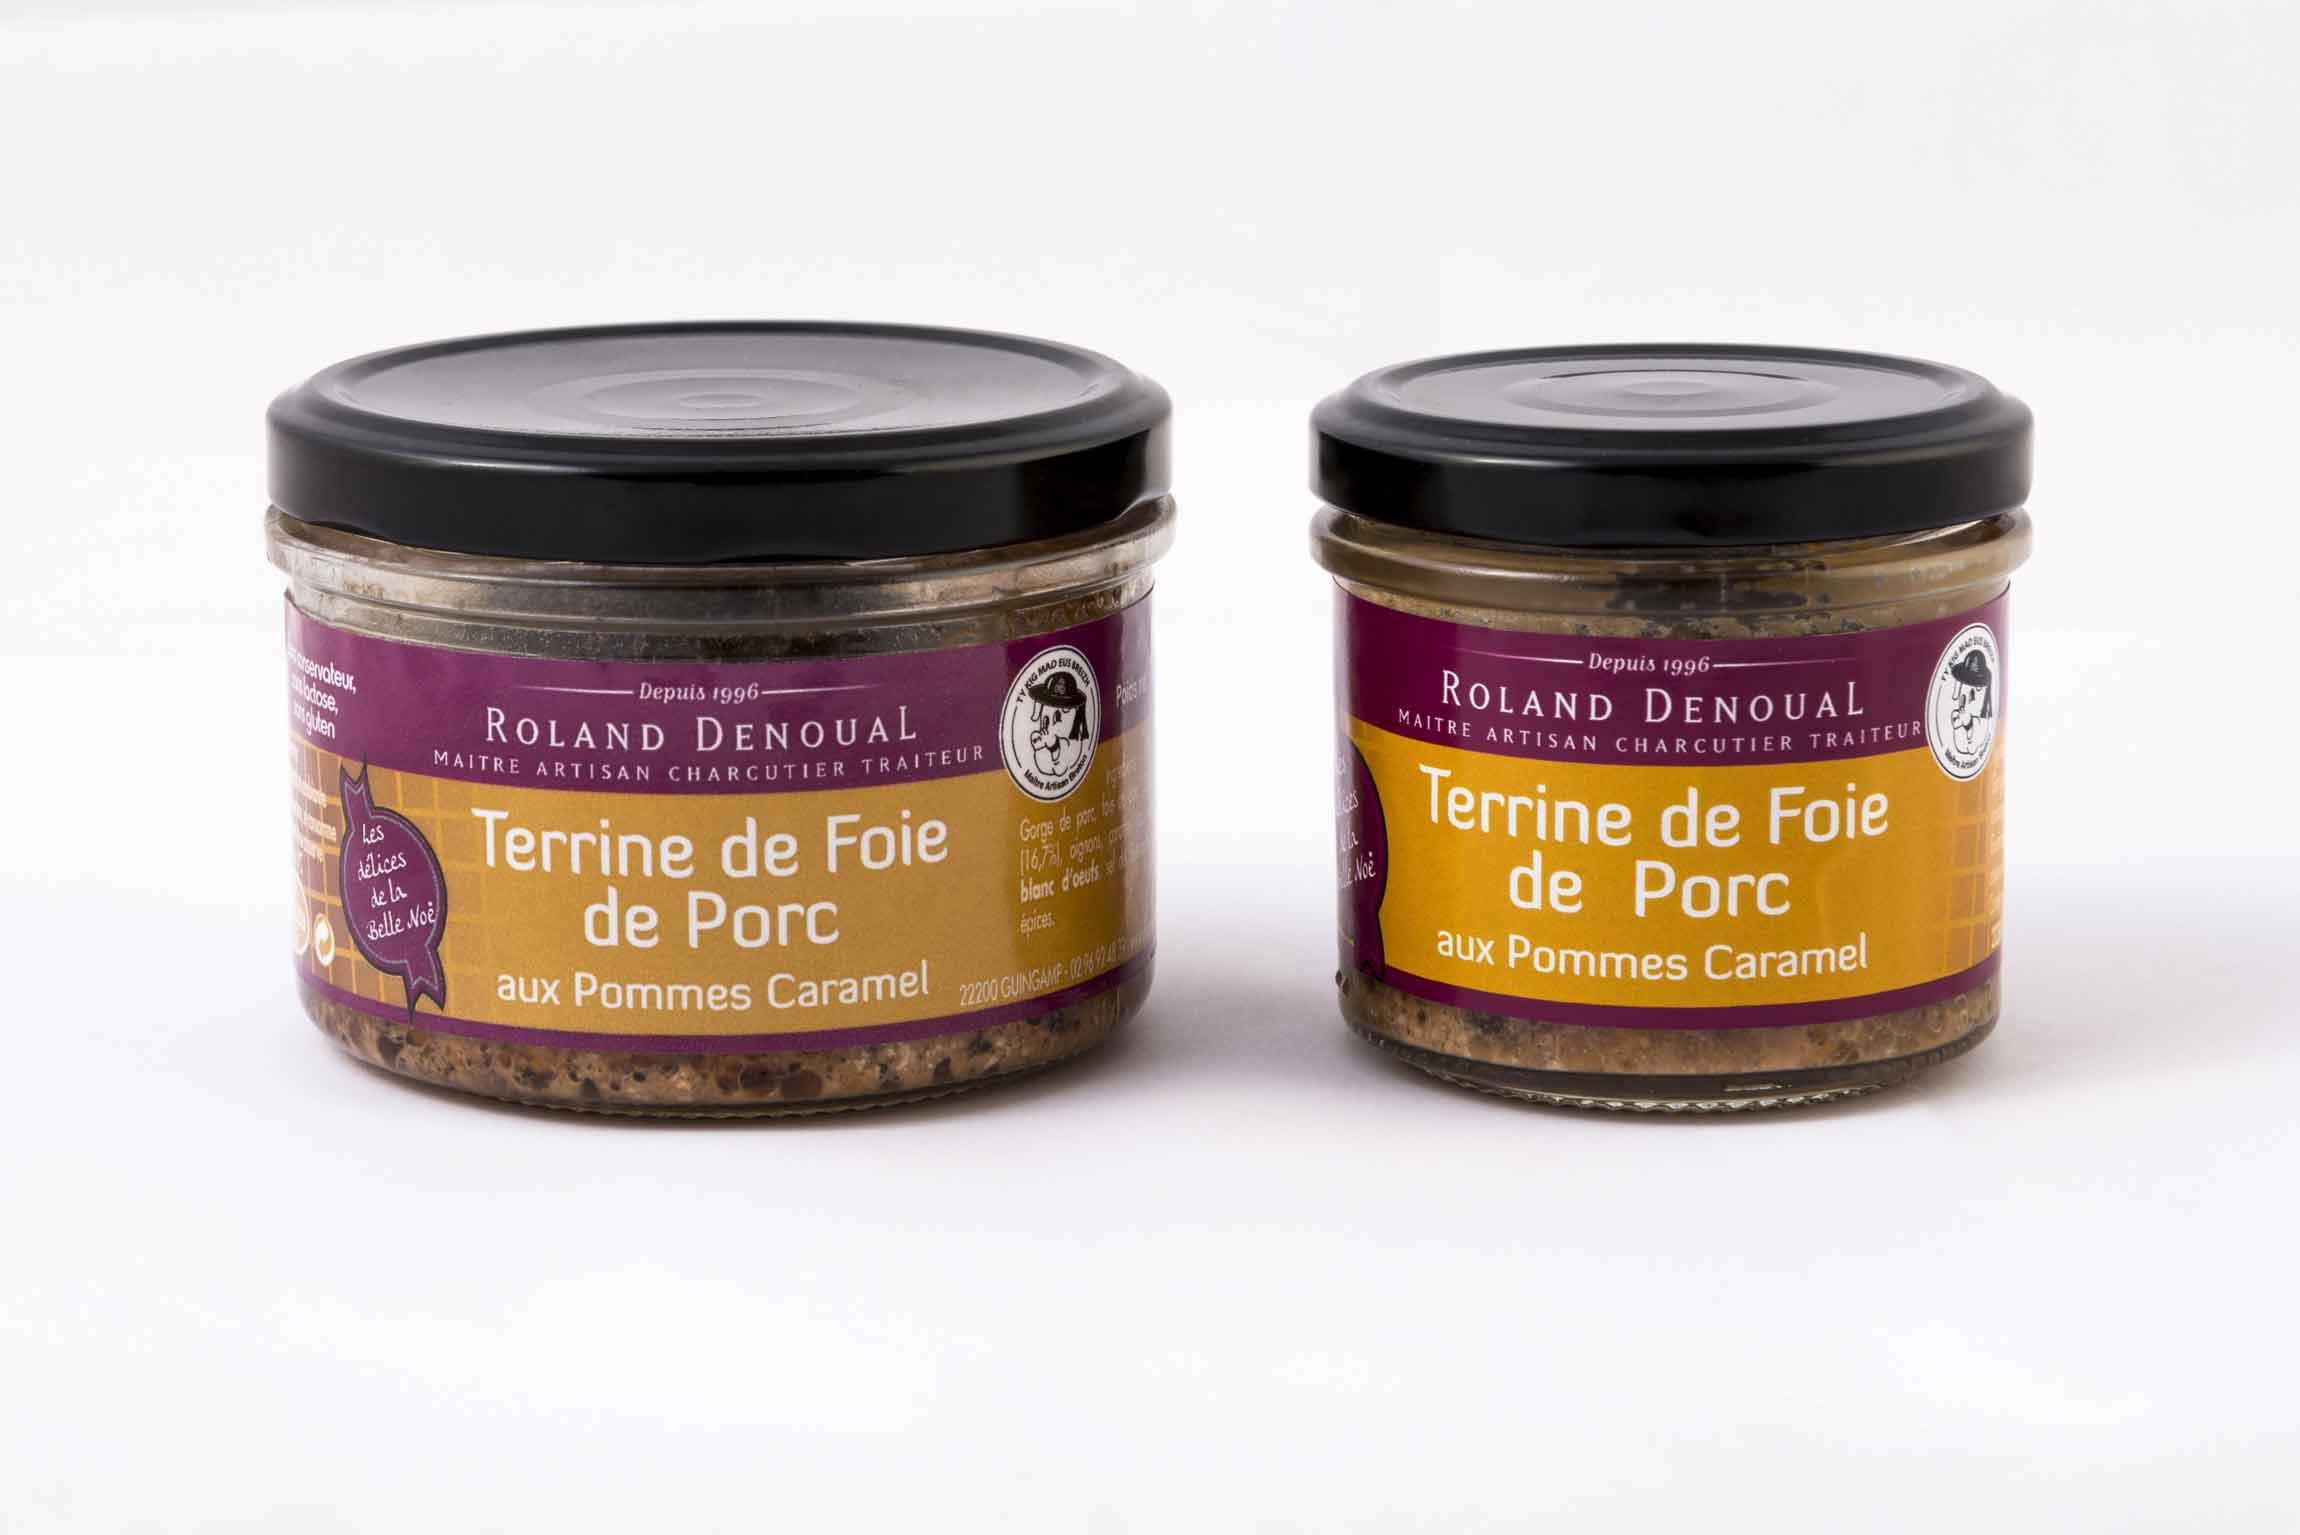 Terrine de foie de porc aux pommes caramel du Maître artisan charcutier traiteur Roland Denoual